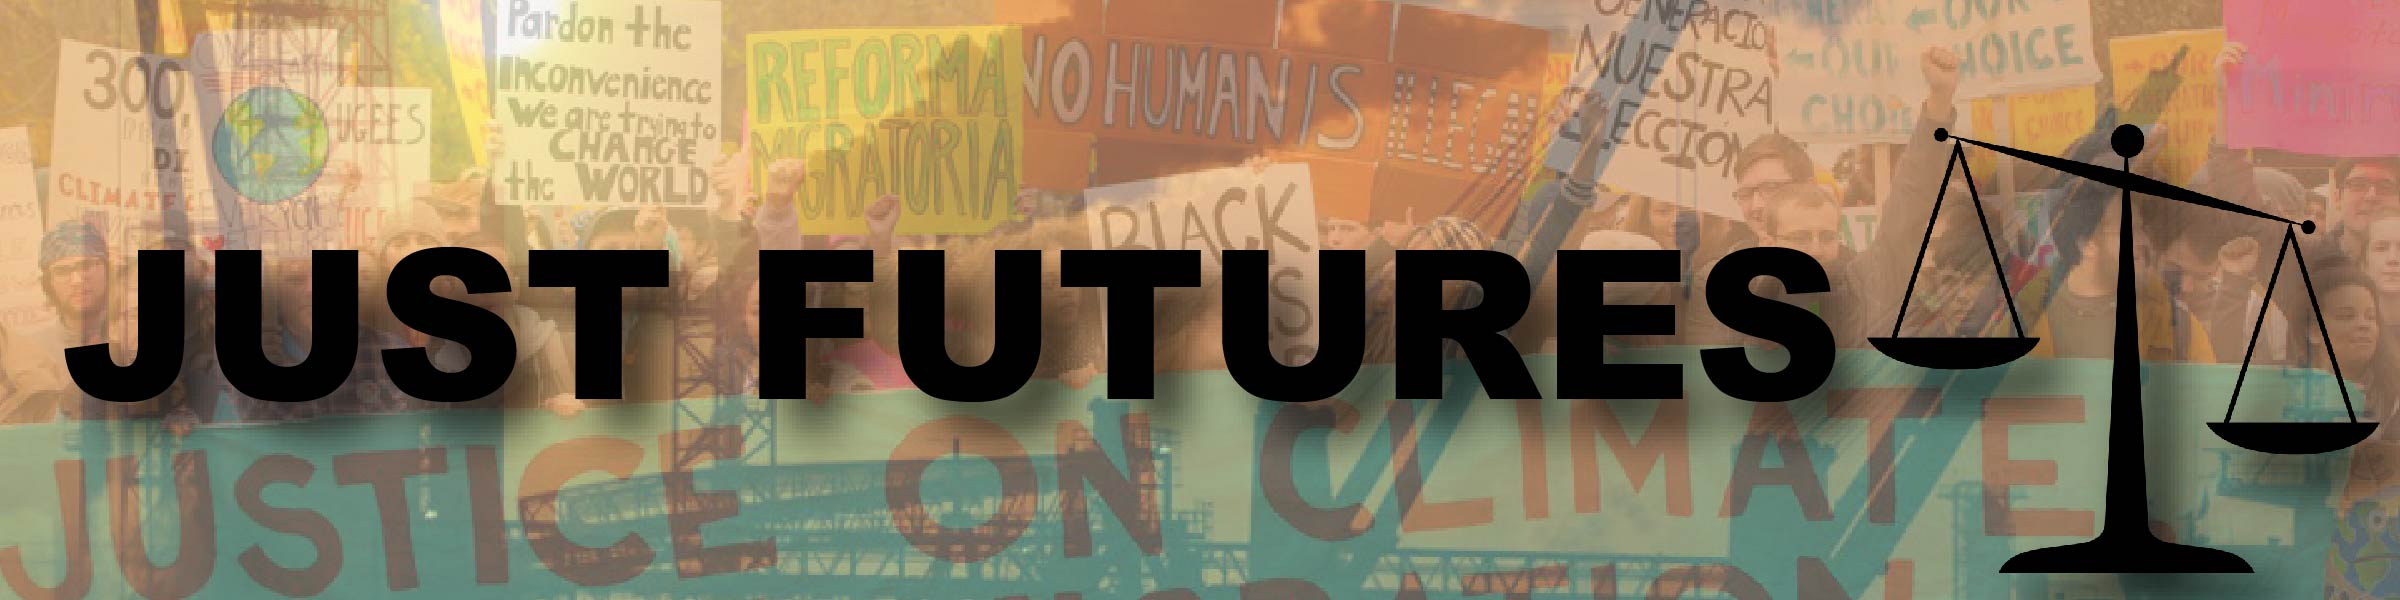 Just Futures